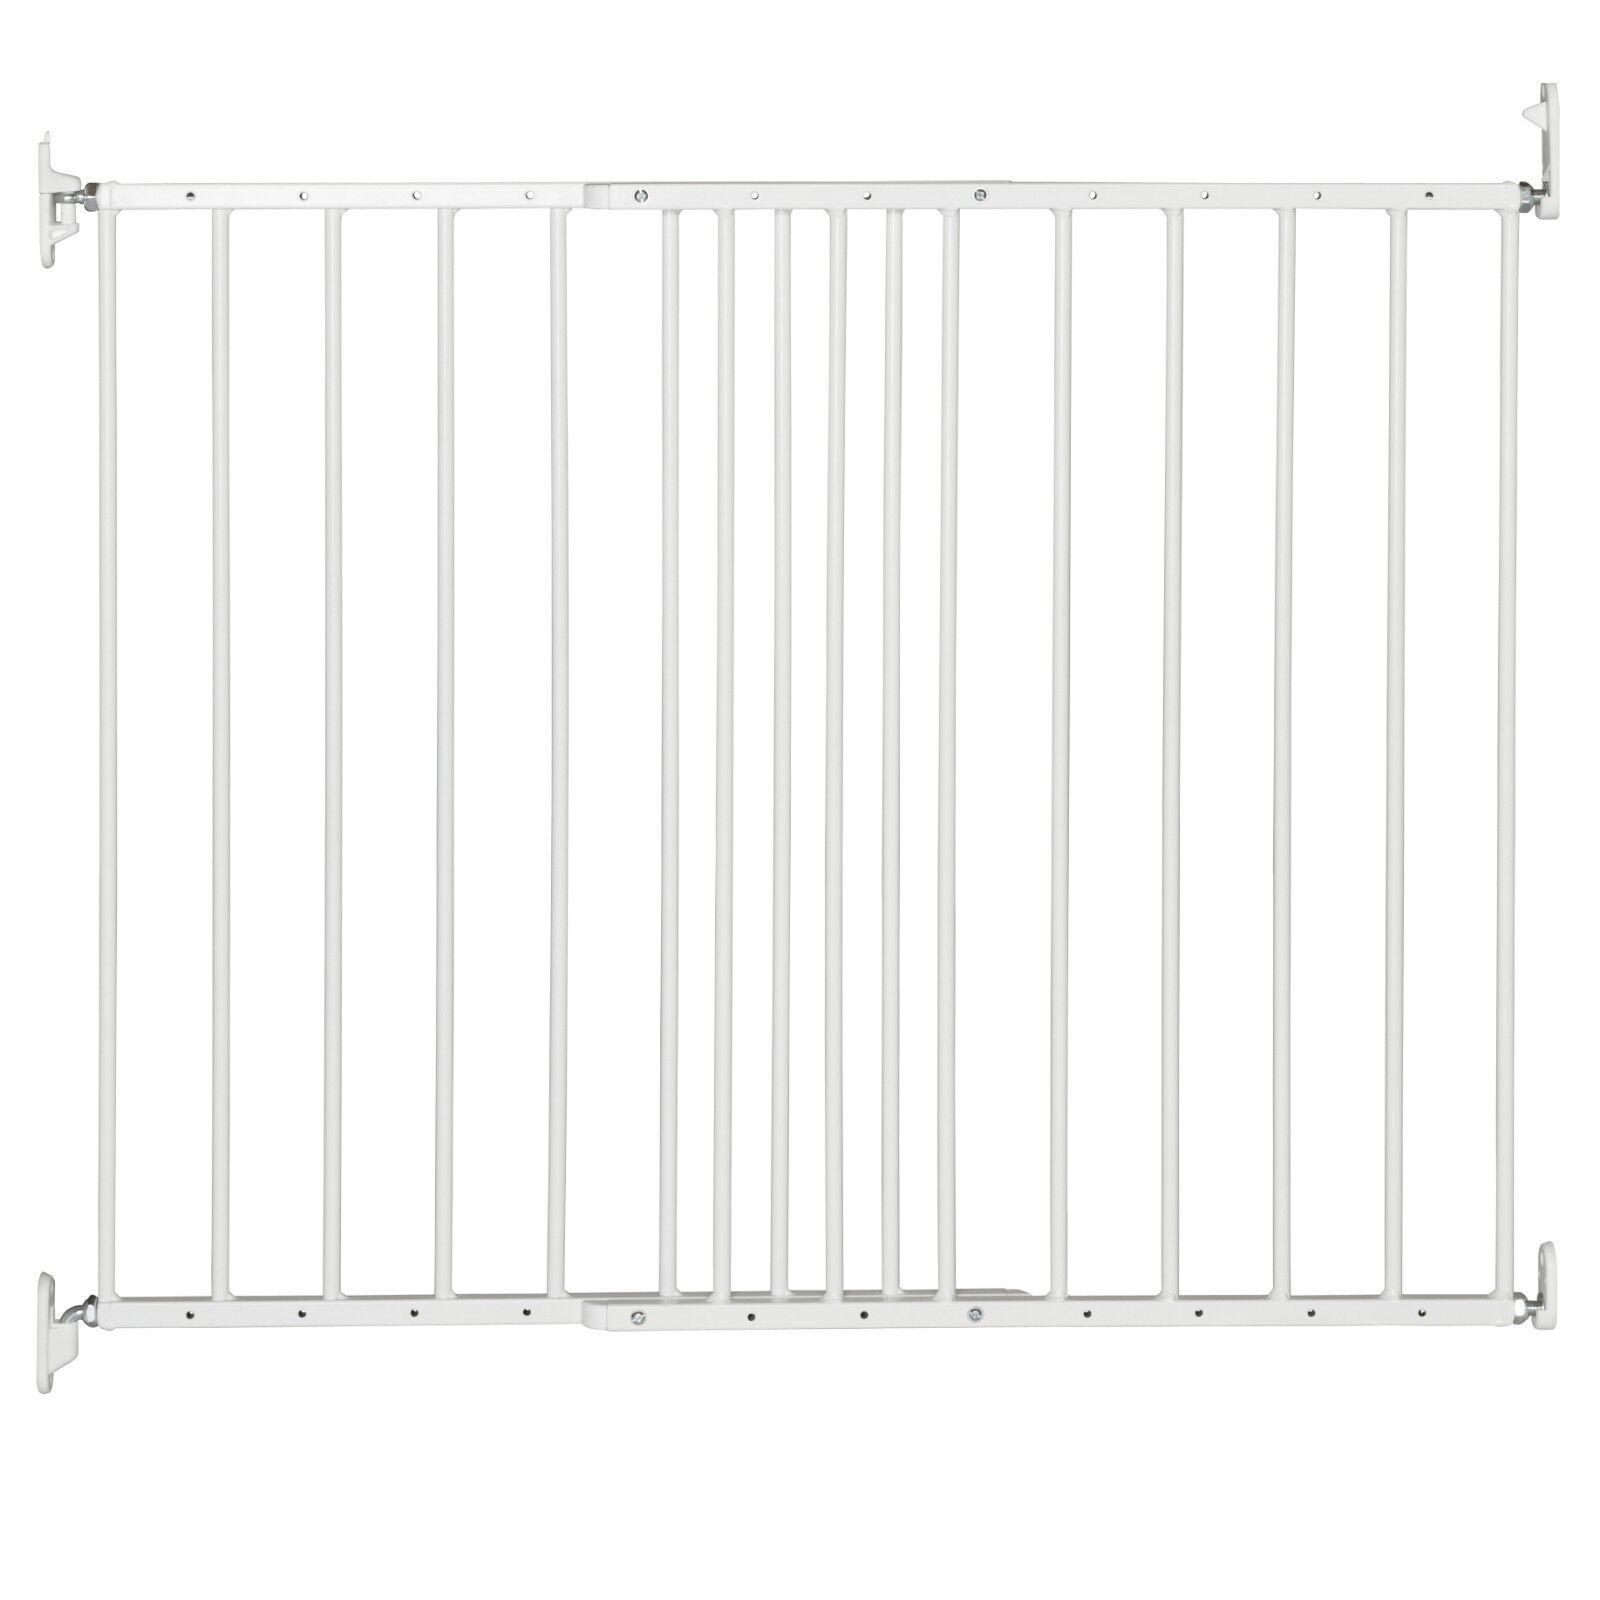 DOLLE Treppenschutzgitter weiß Türgitter Kinder Absperr Gitter 62,5 - 106,8 cm